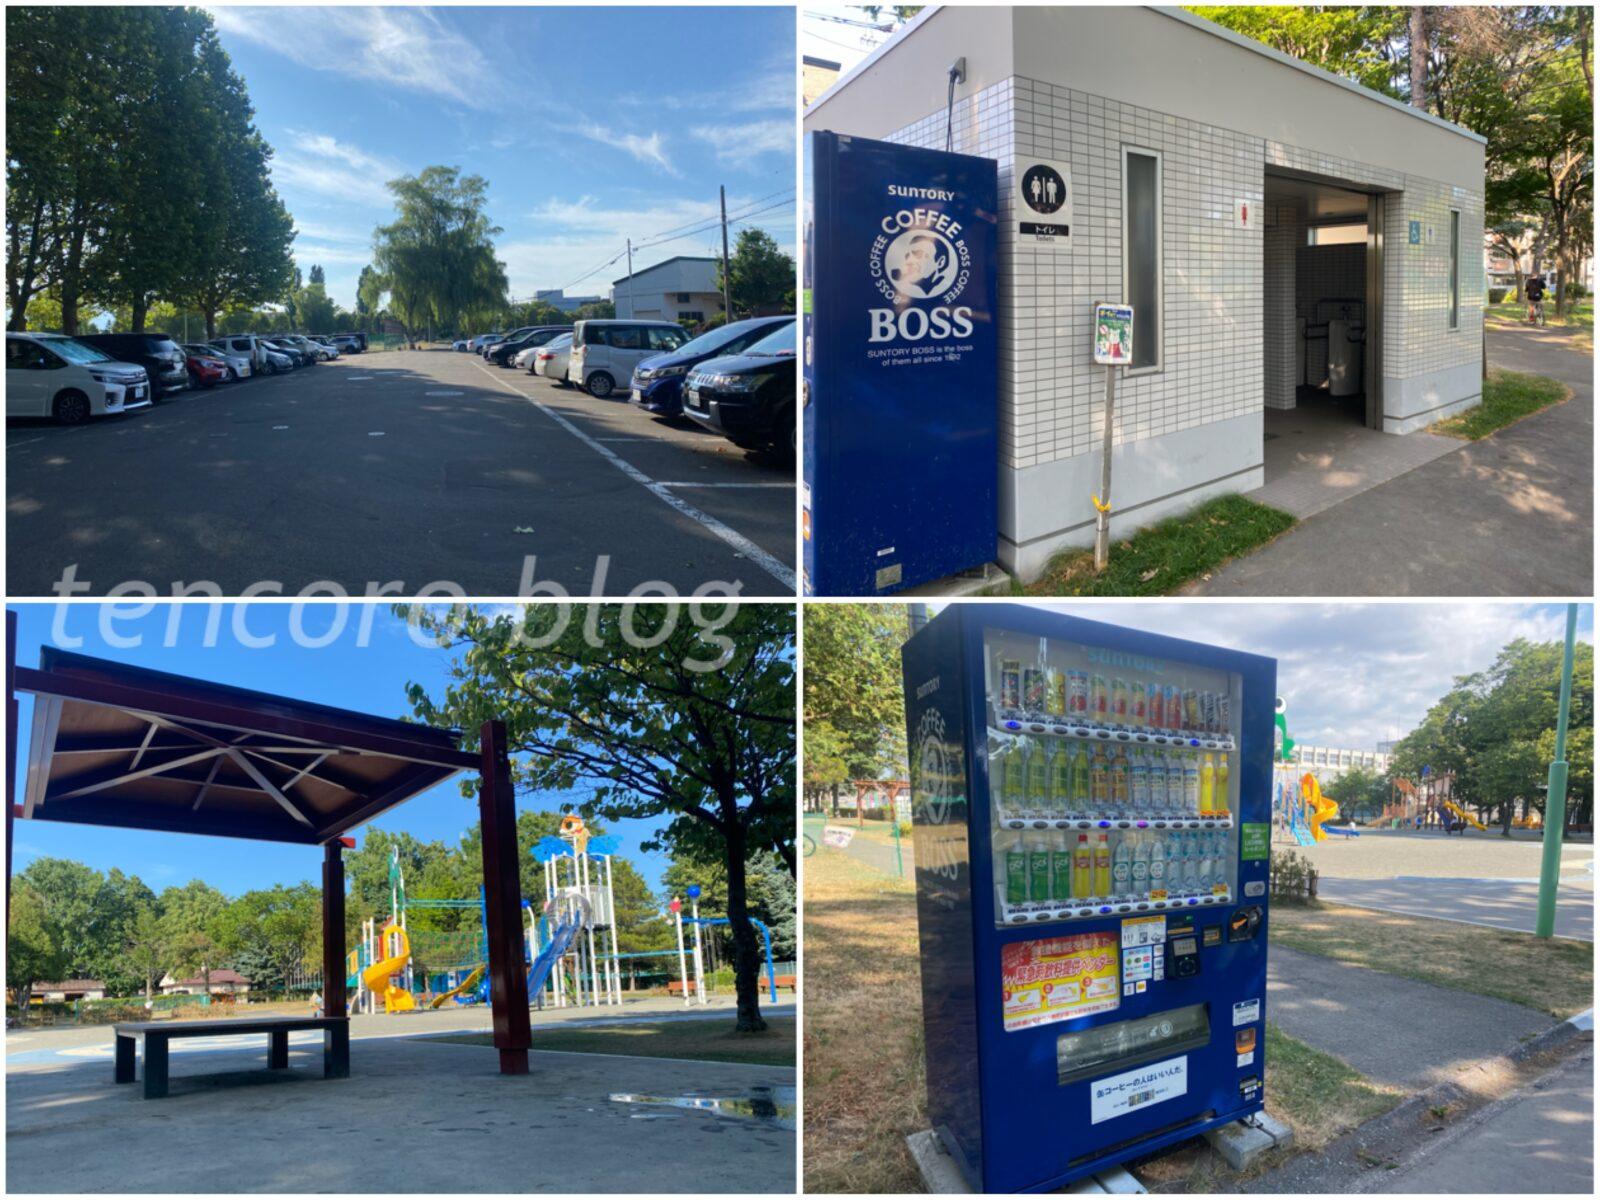 札幌市 東区 伏古公園 駐車場 トイレ